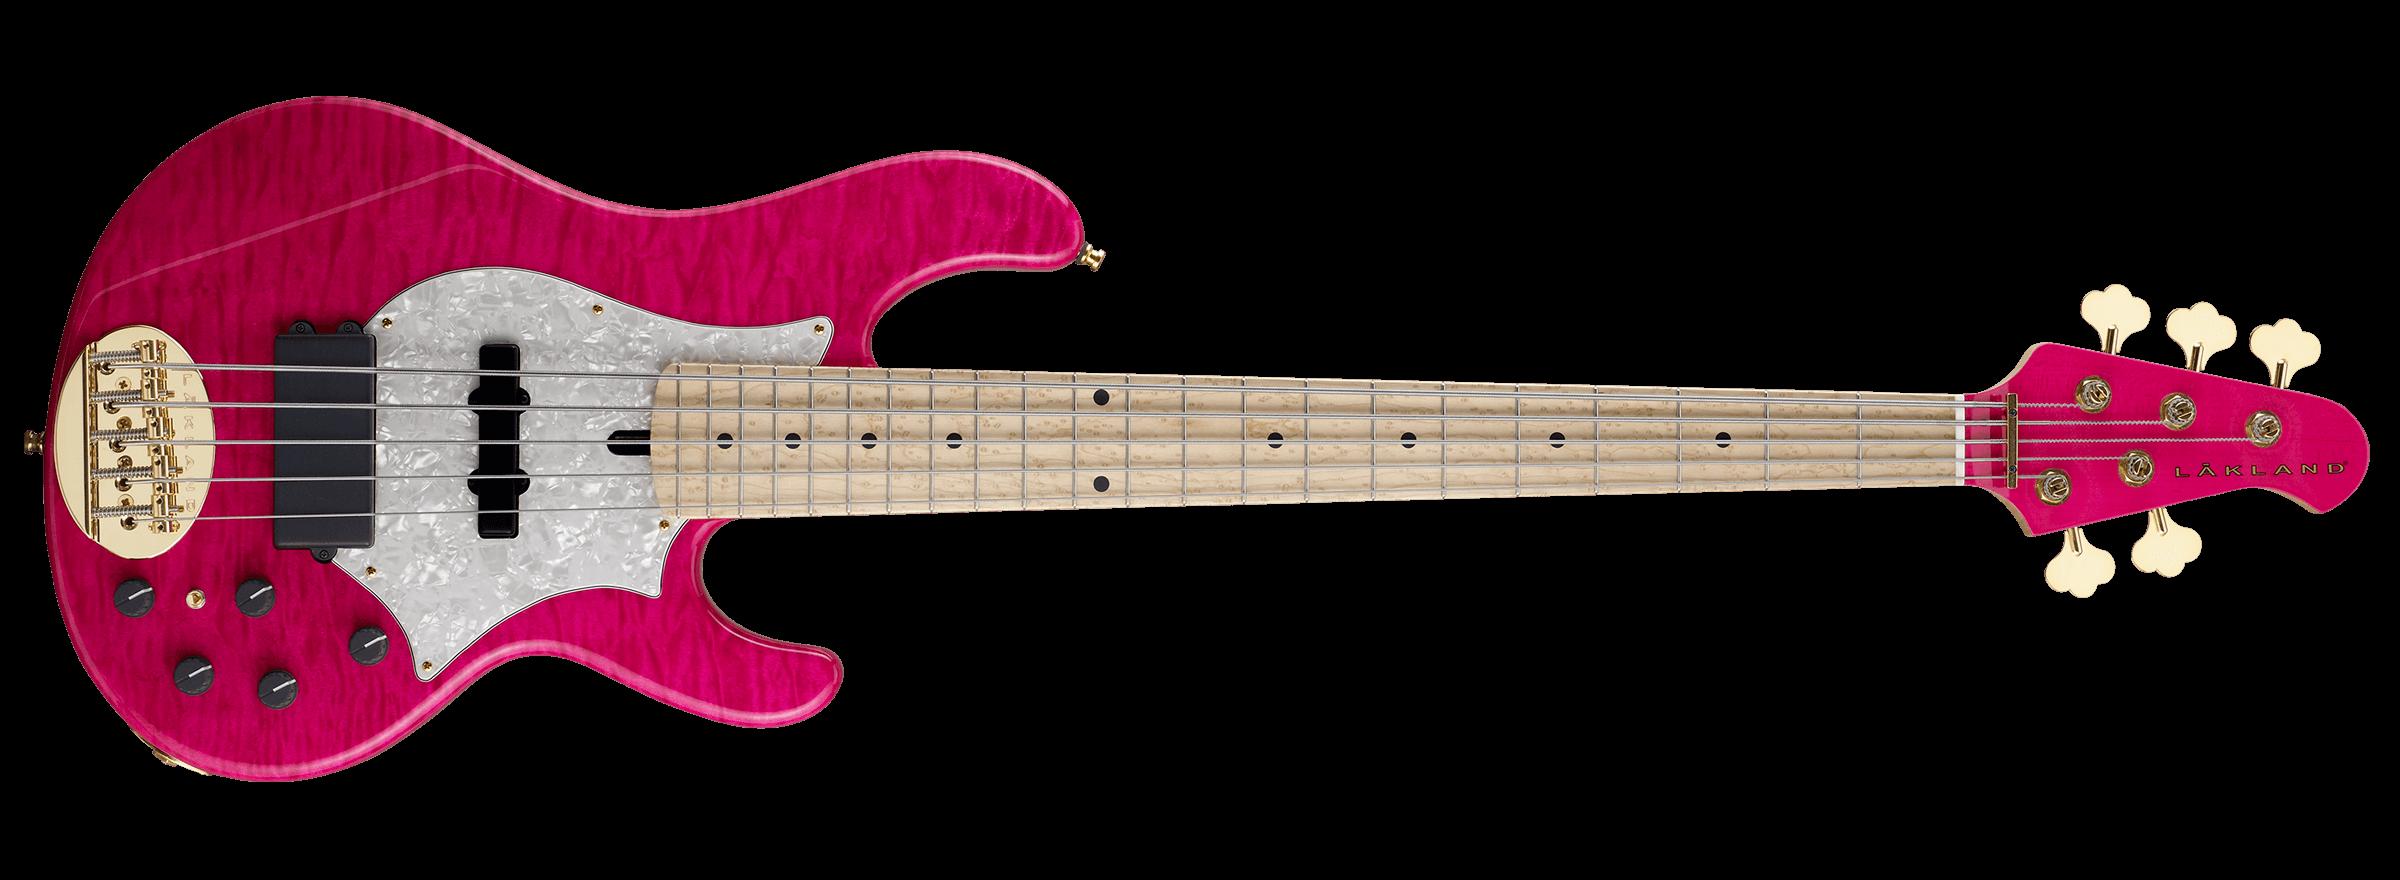 Projeto de baixo na Guidini Guitars (cancelado pela luthieria) - Página 2 55-69tetsuya